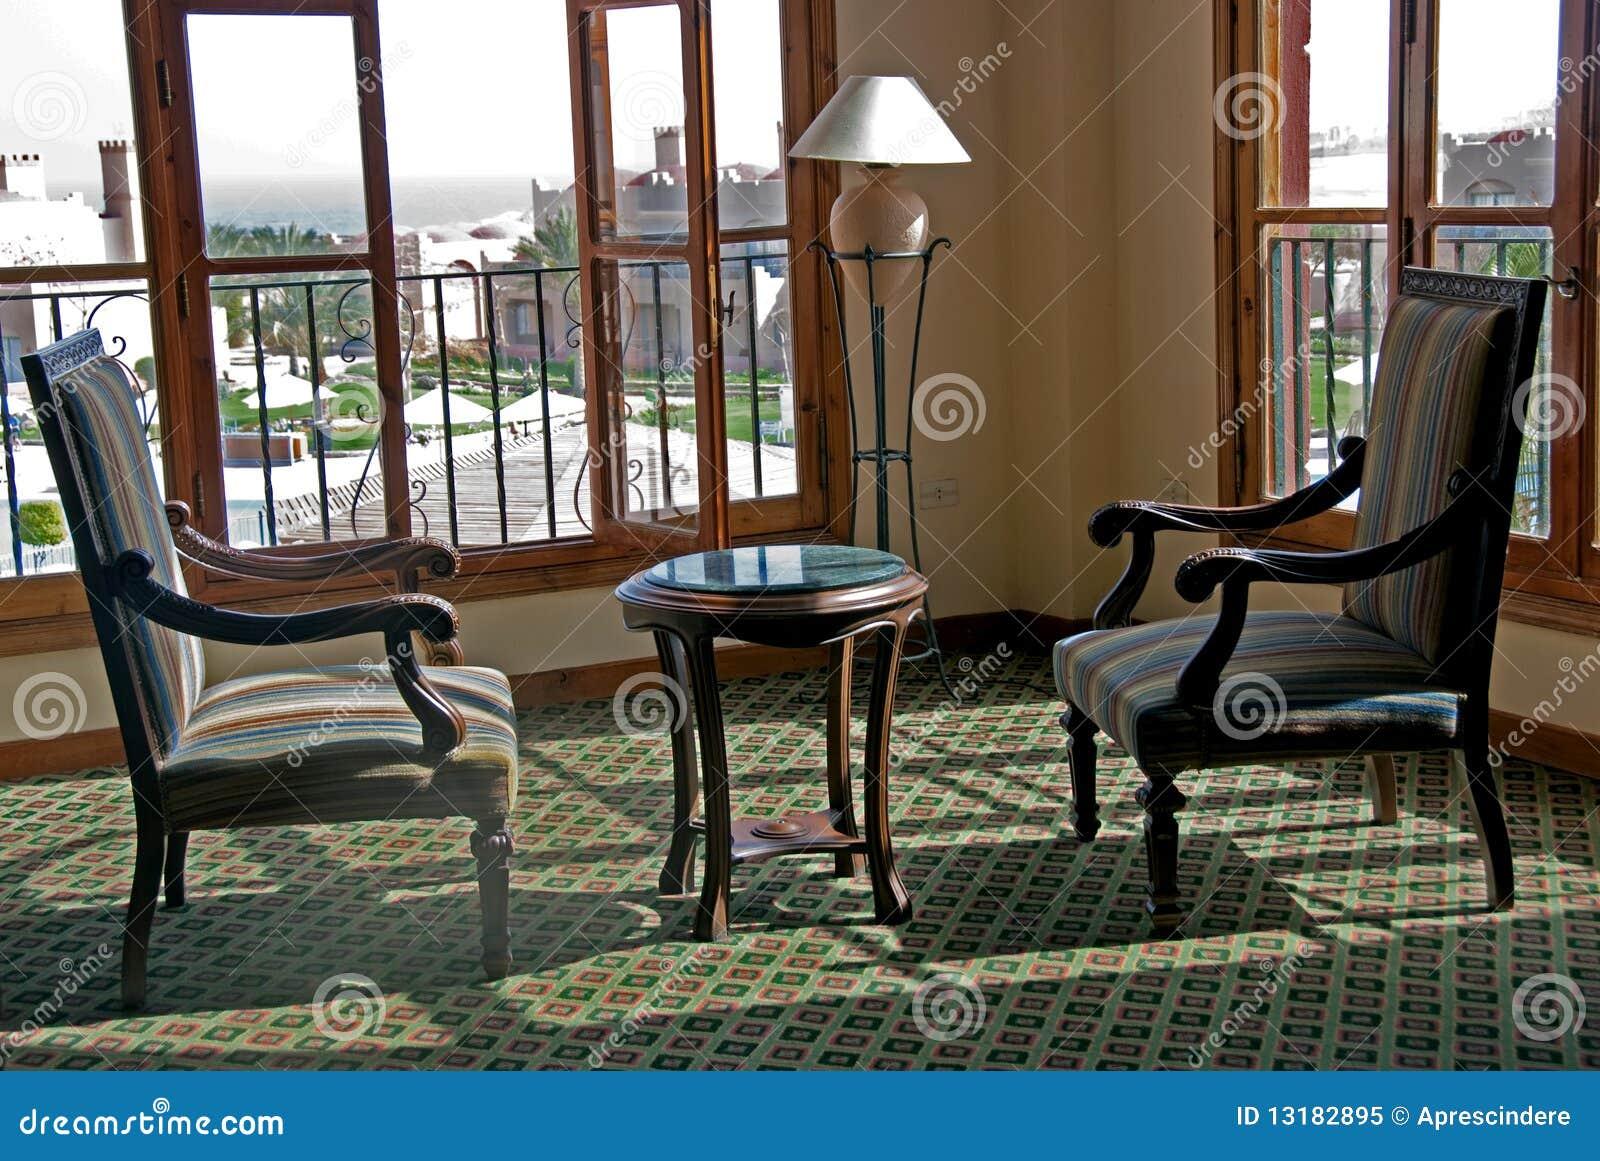 Κλασικό καθιστικό